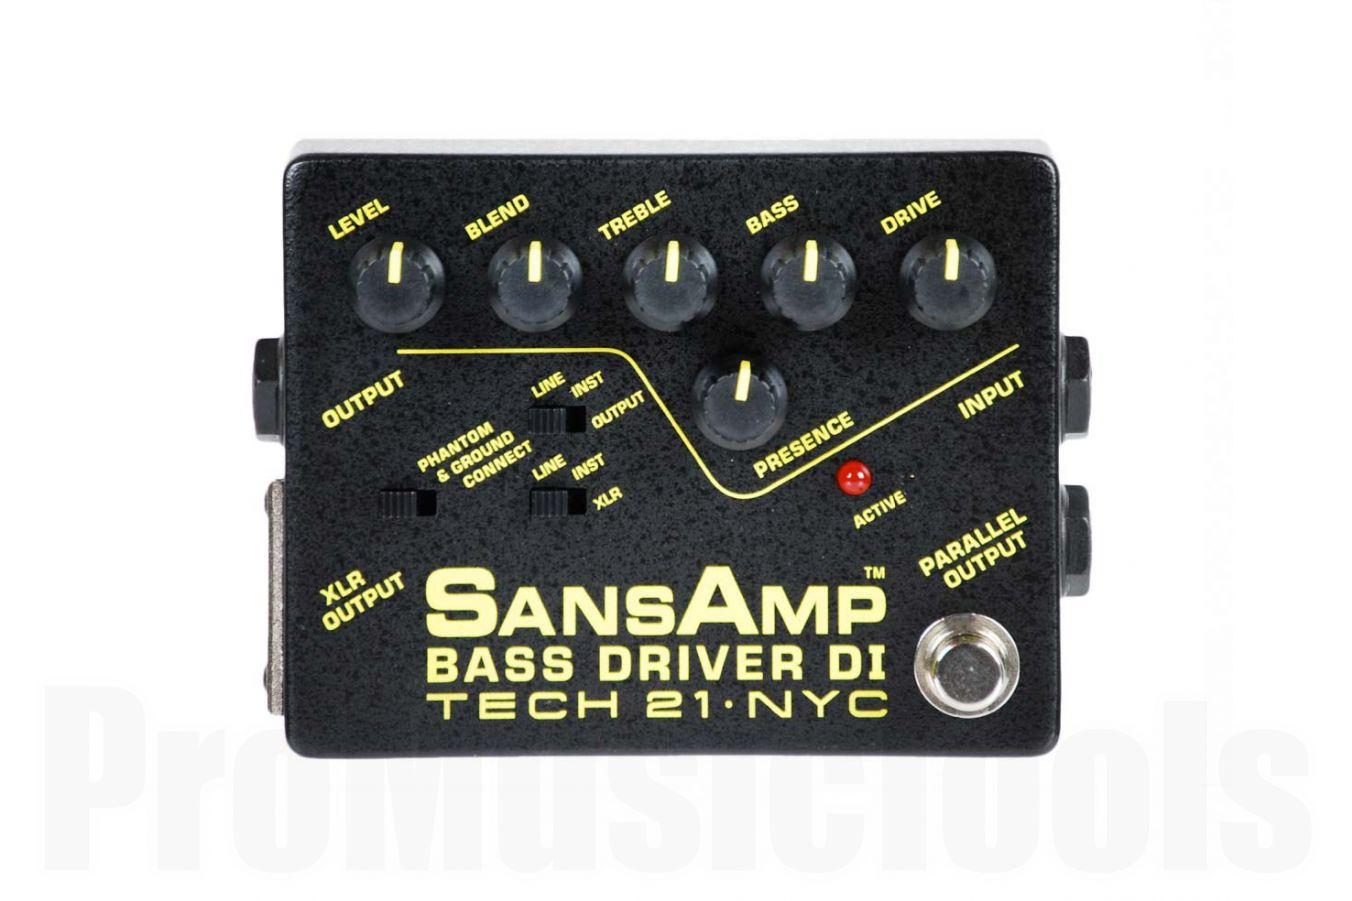 Tech 21 USA SansAmp Bass Driver D.I.